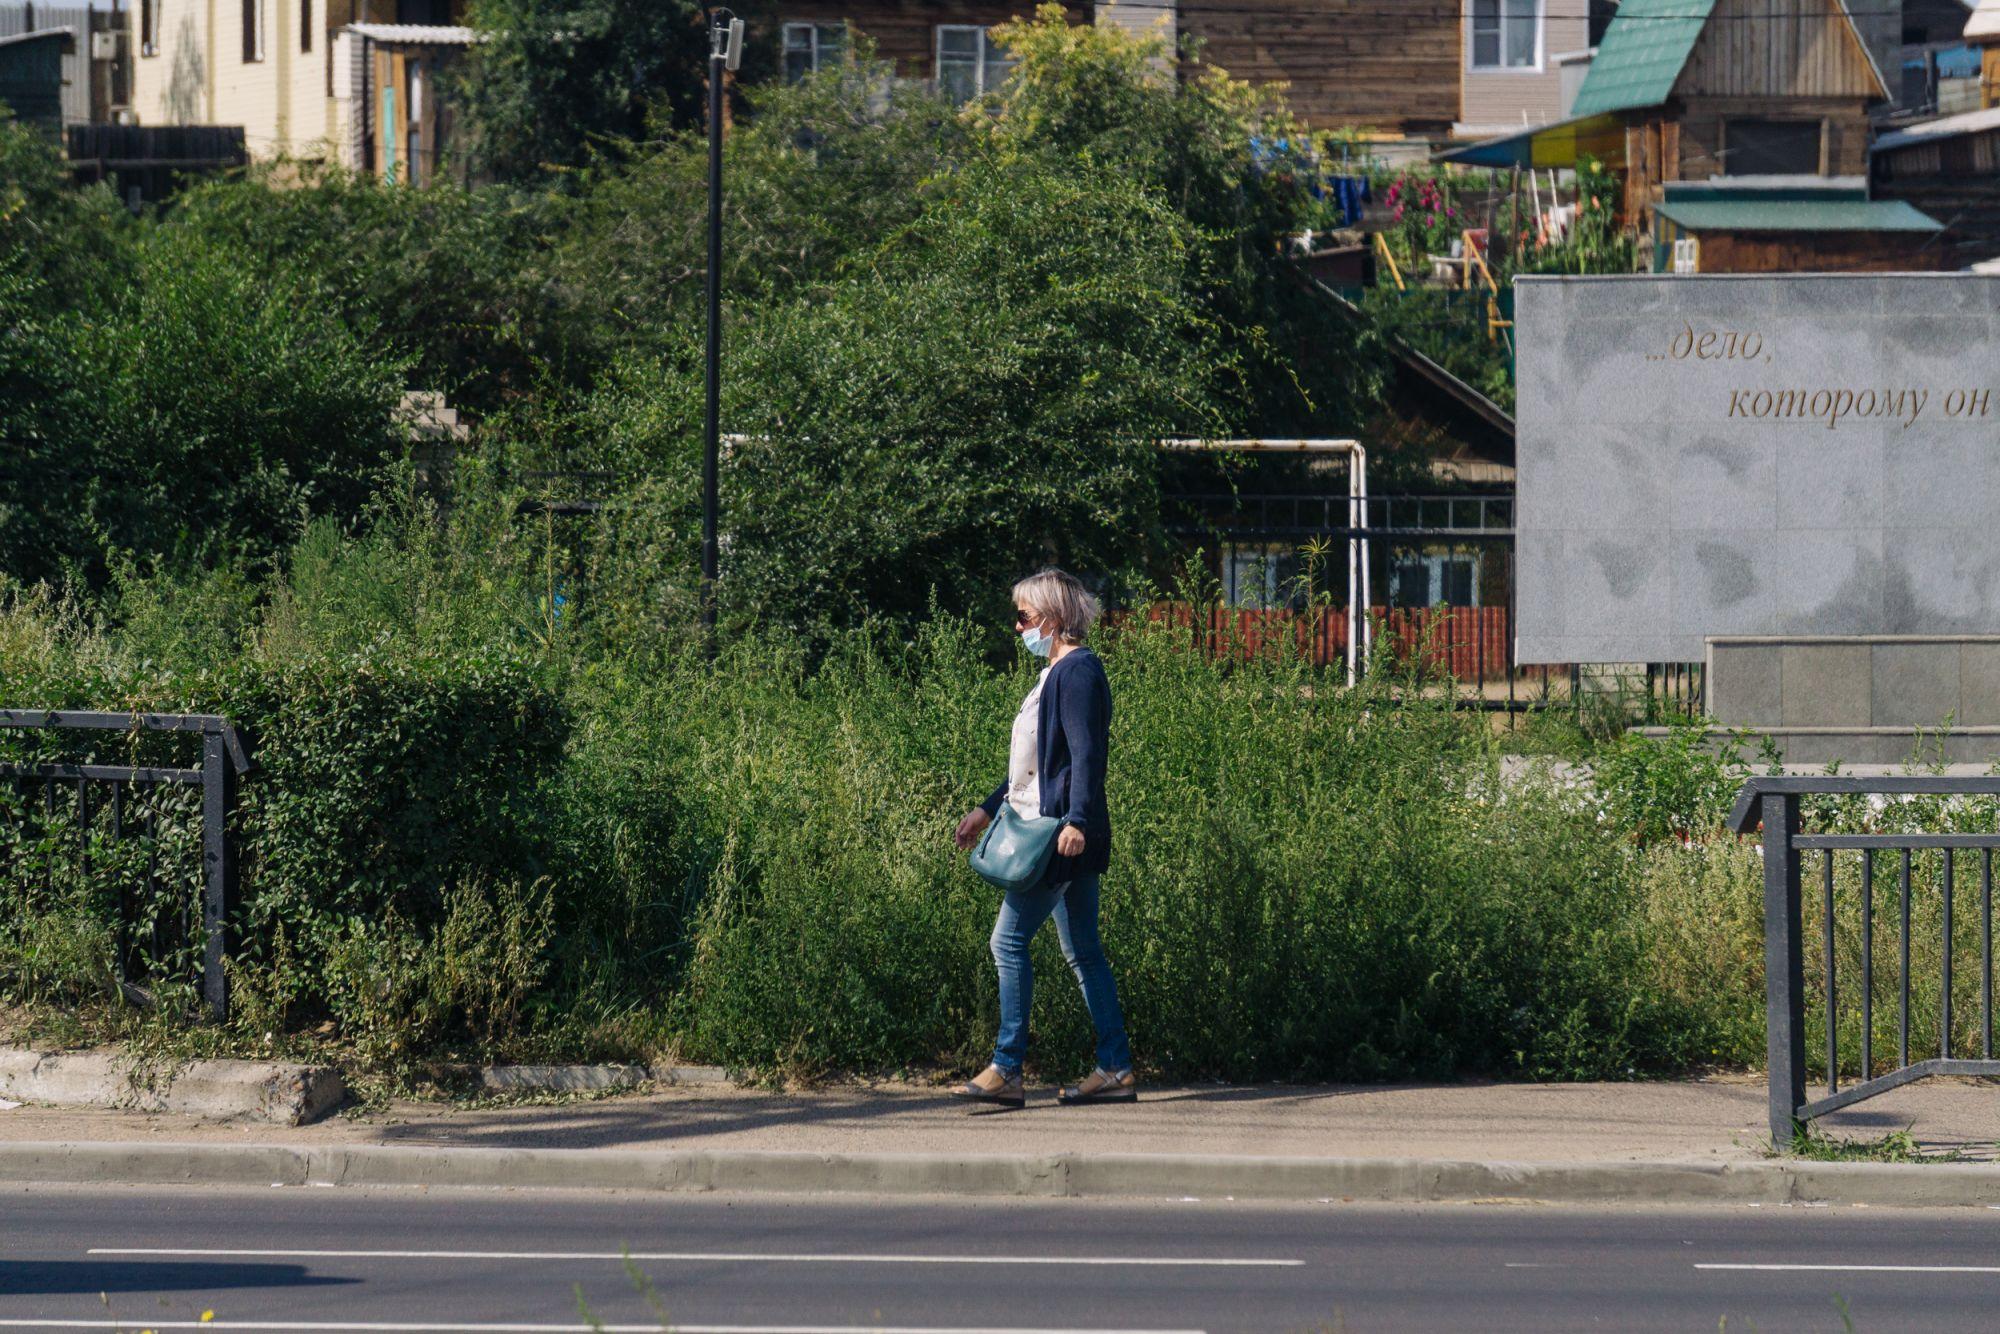 Аллергия и аварийные ситуации: заросли травы заполнили улицы Улан-Удэ